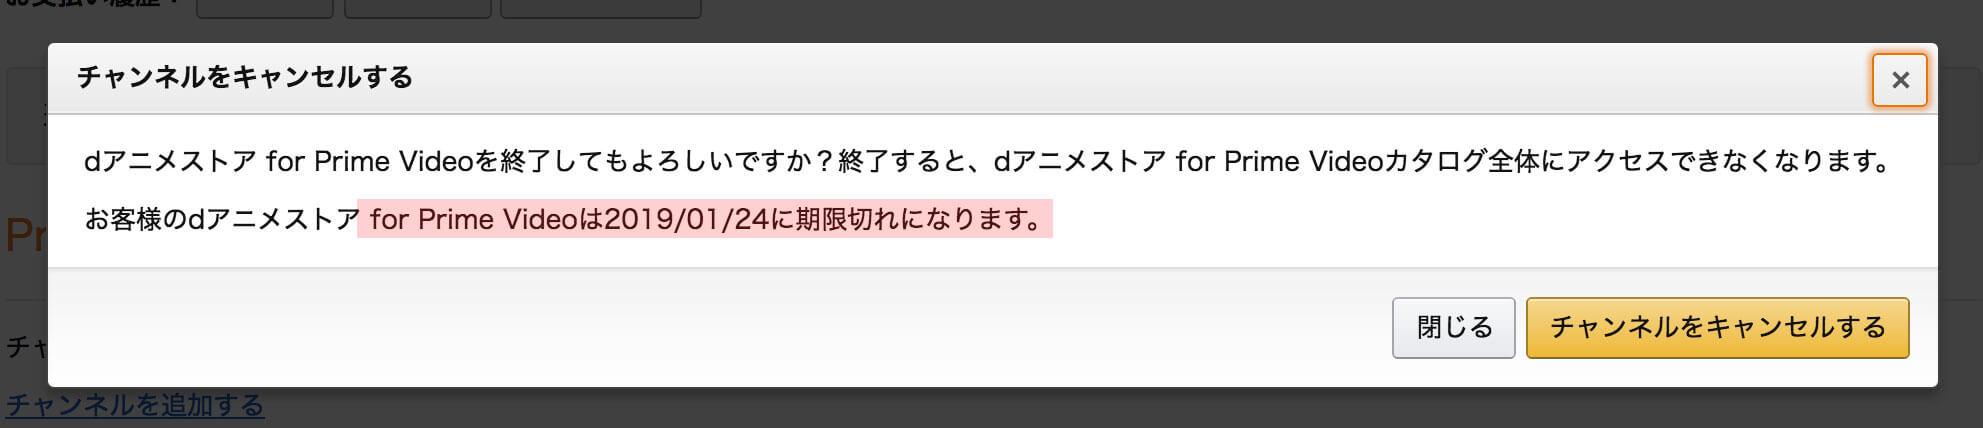 dアニメストアforAmazonプライム